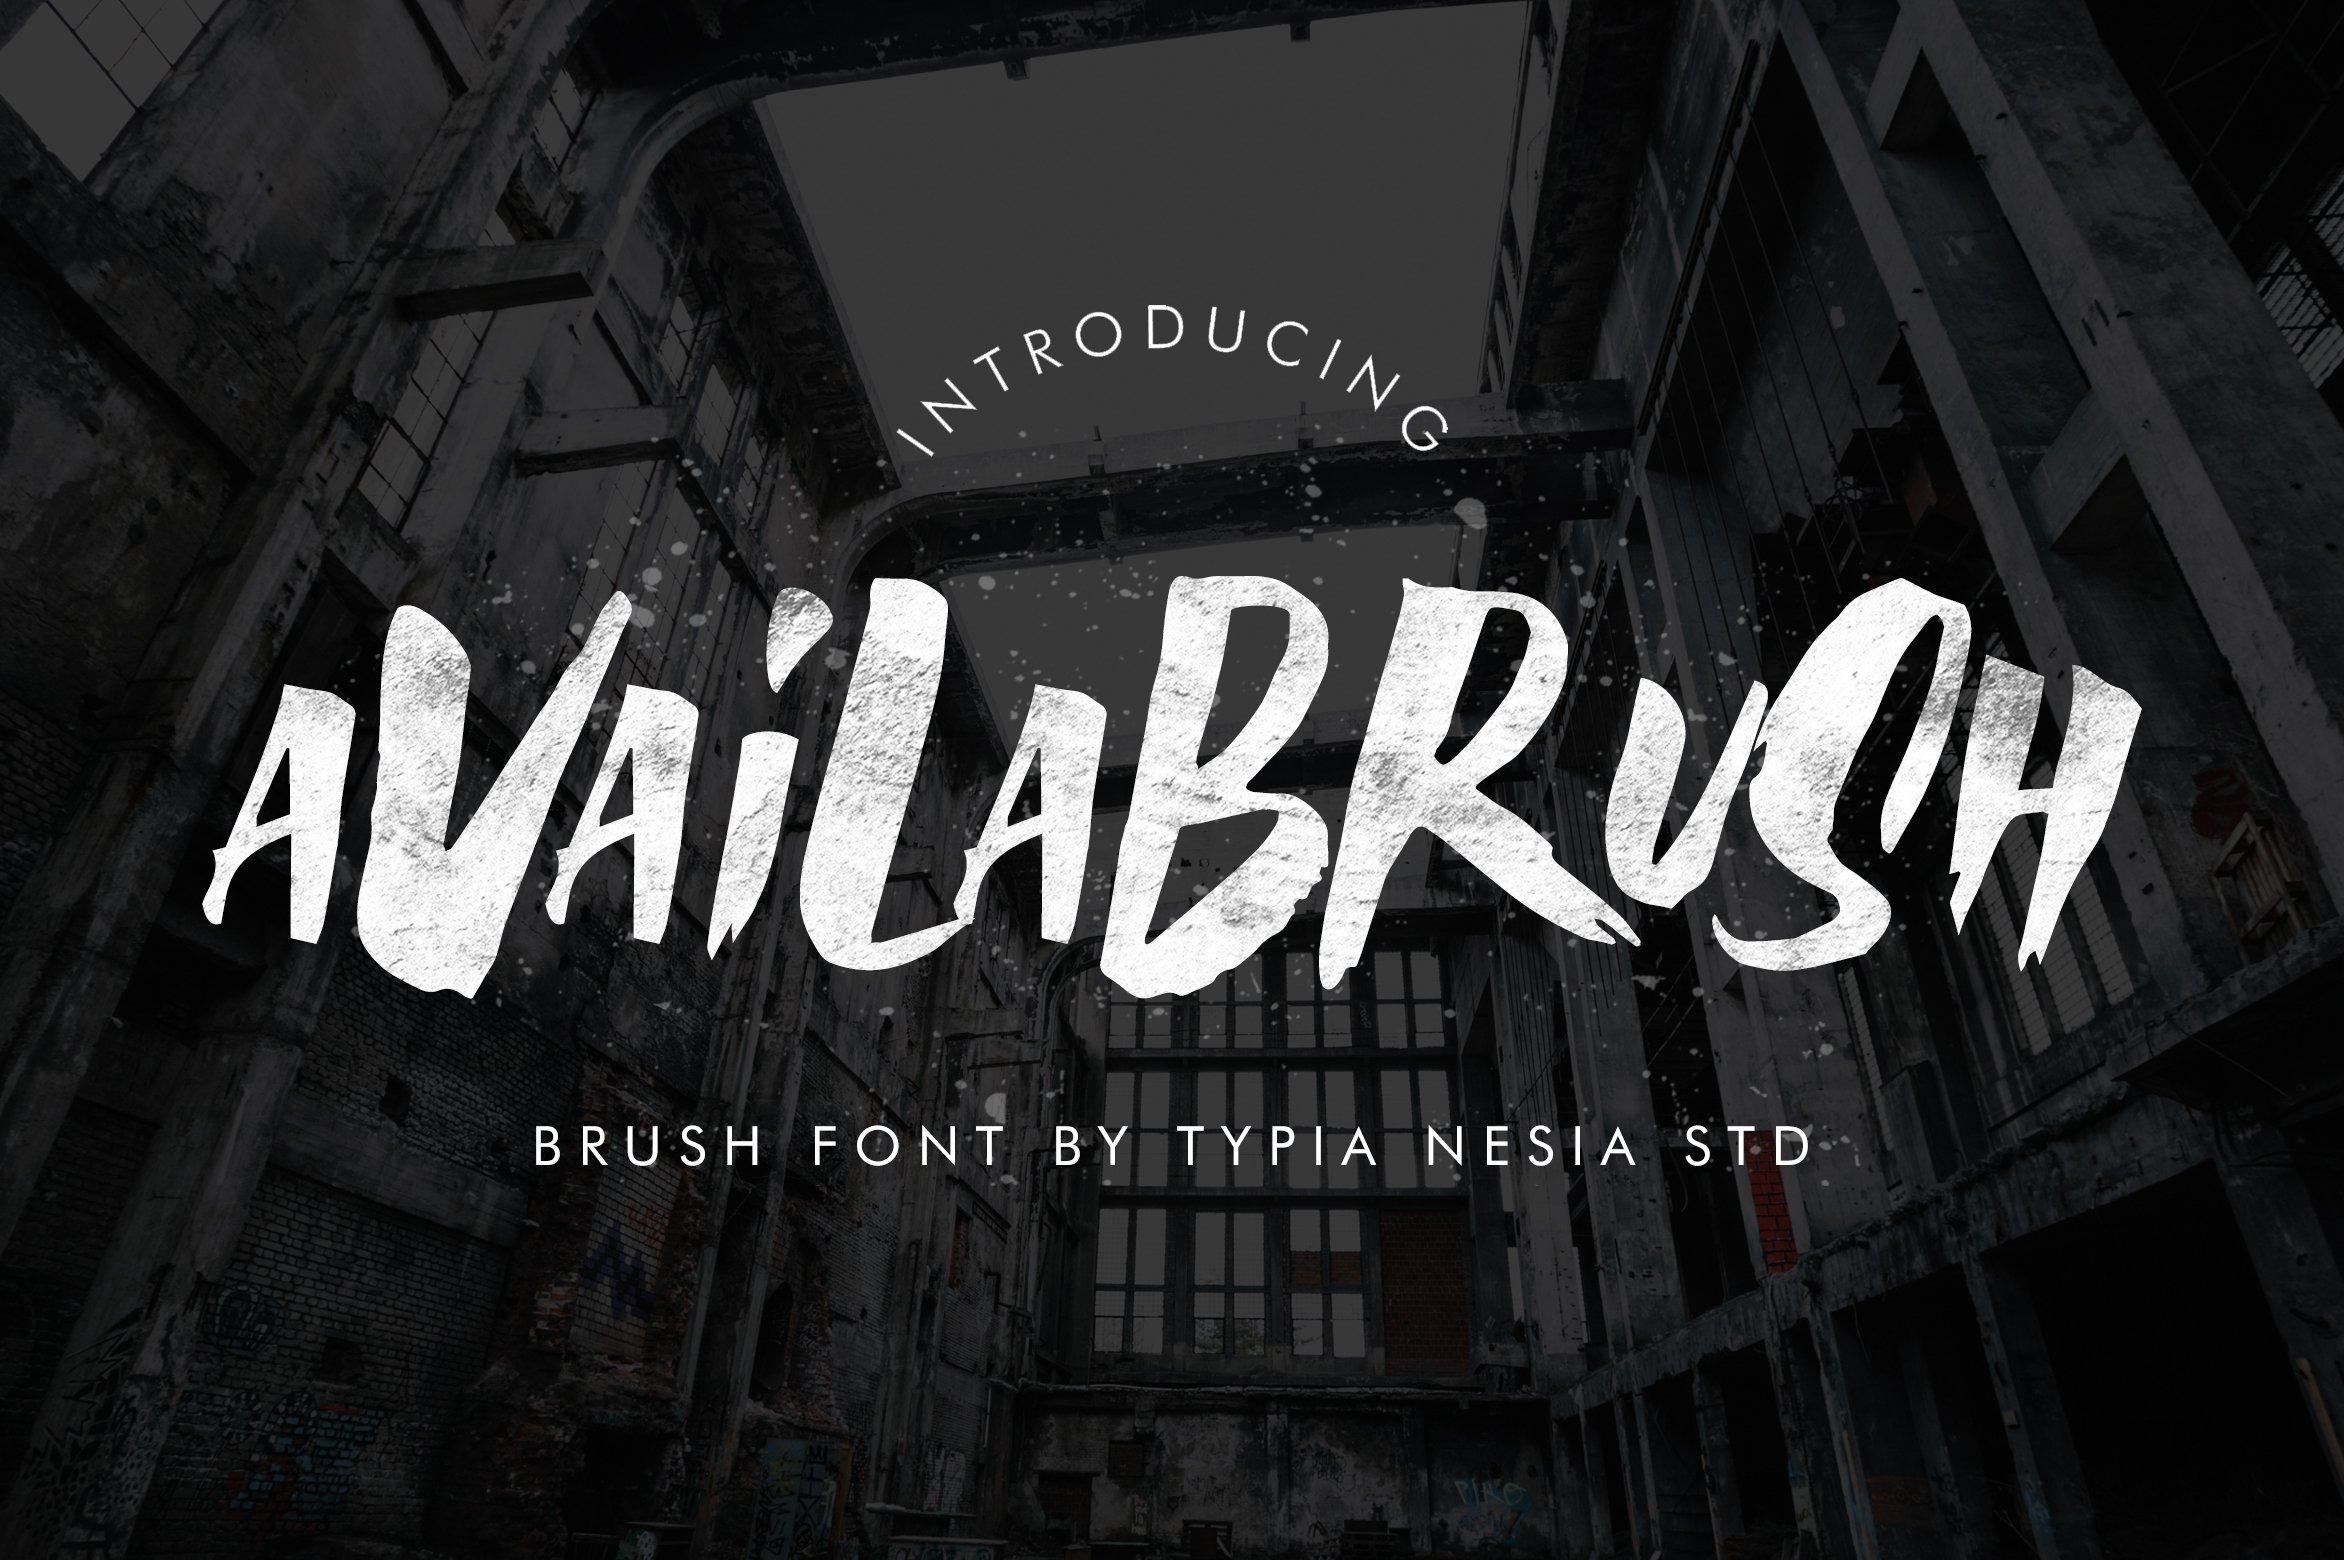 Availabrush手写书法笔刷笔触肌理底纹海报英文字体下载